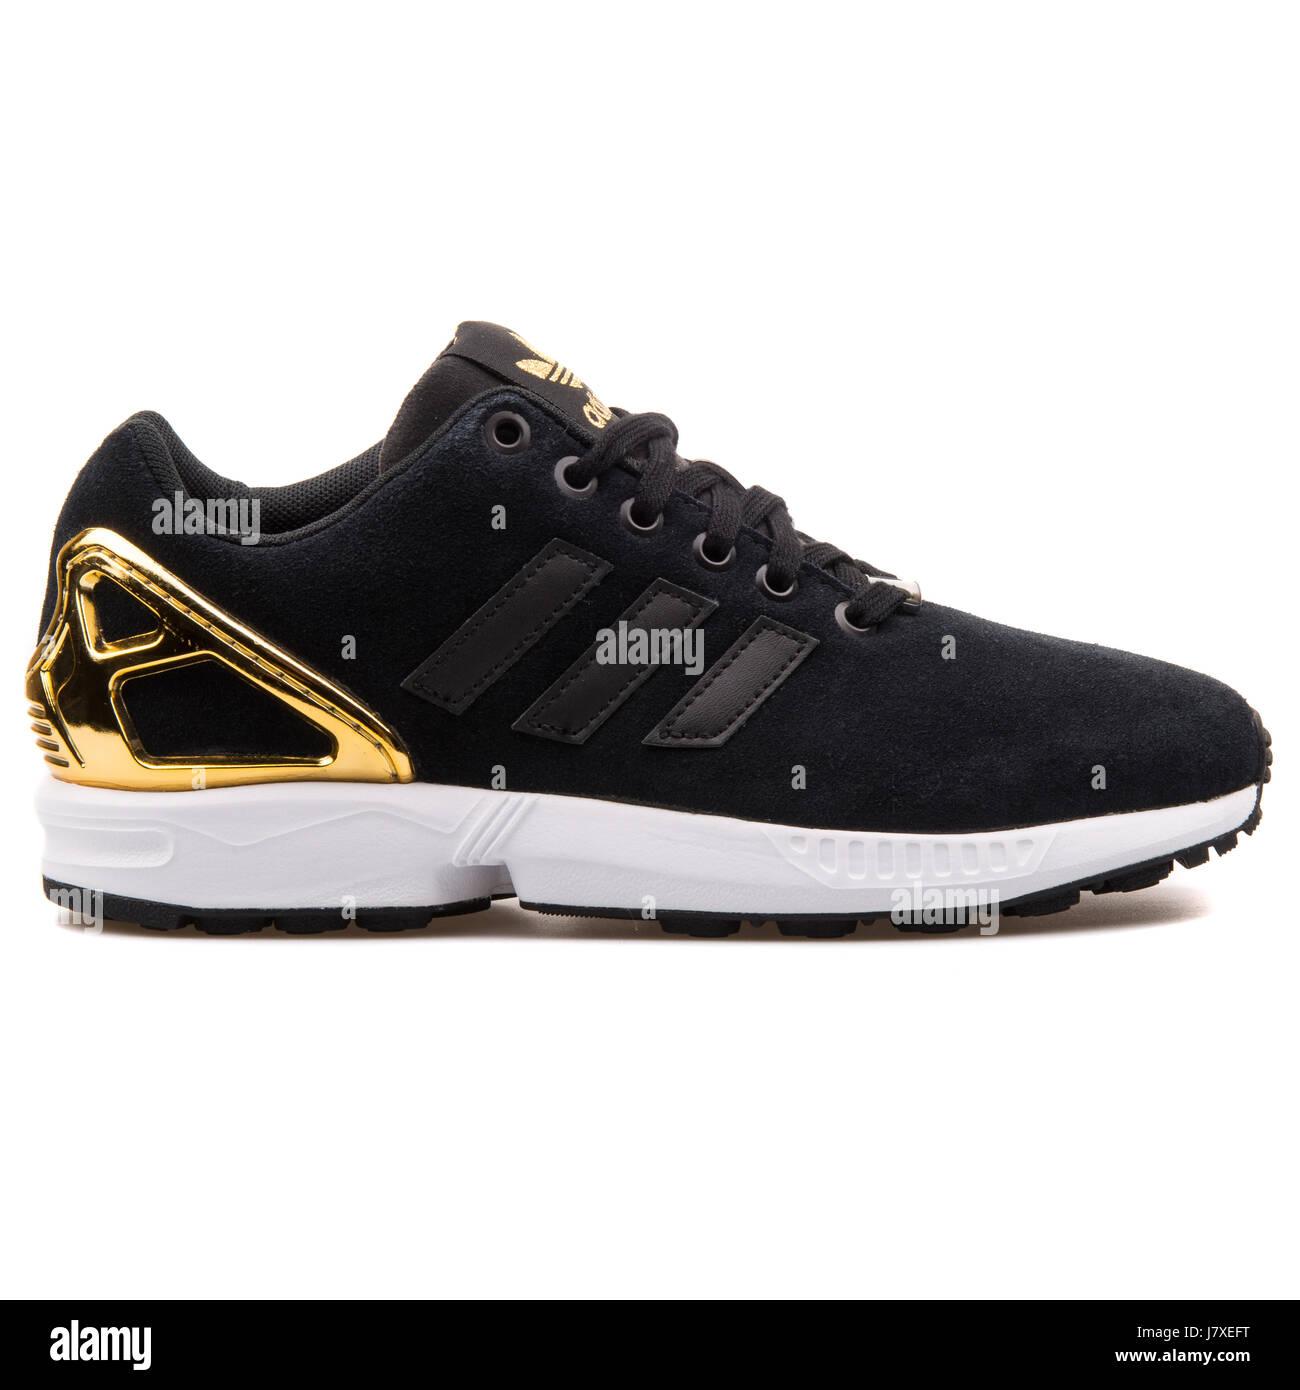 adidas zx flux gold damen